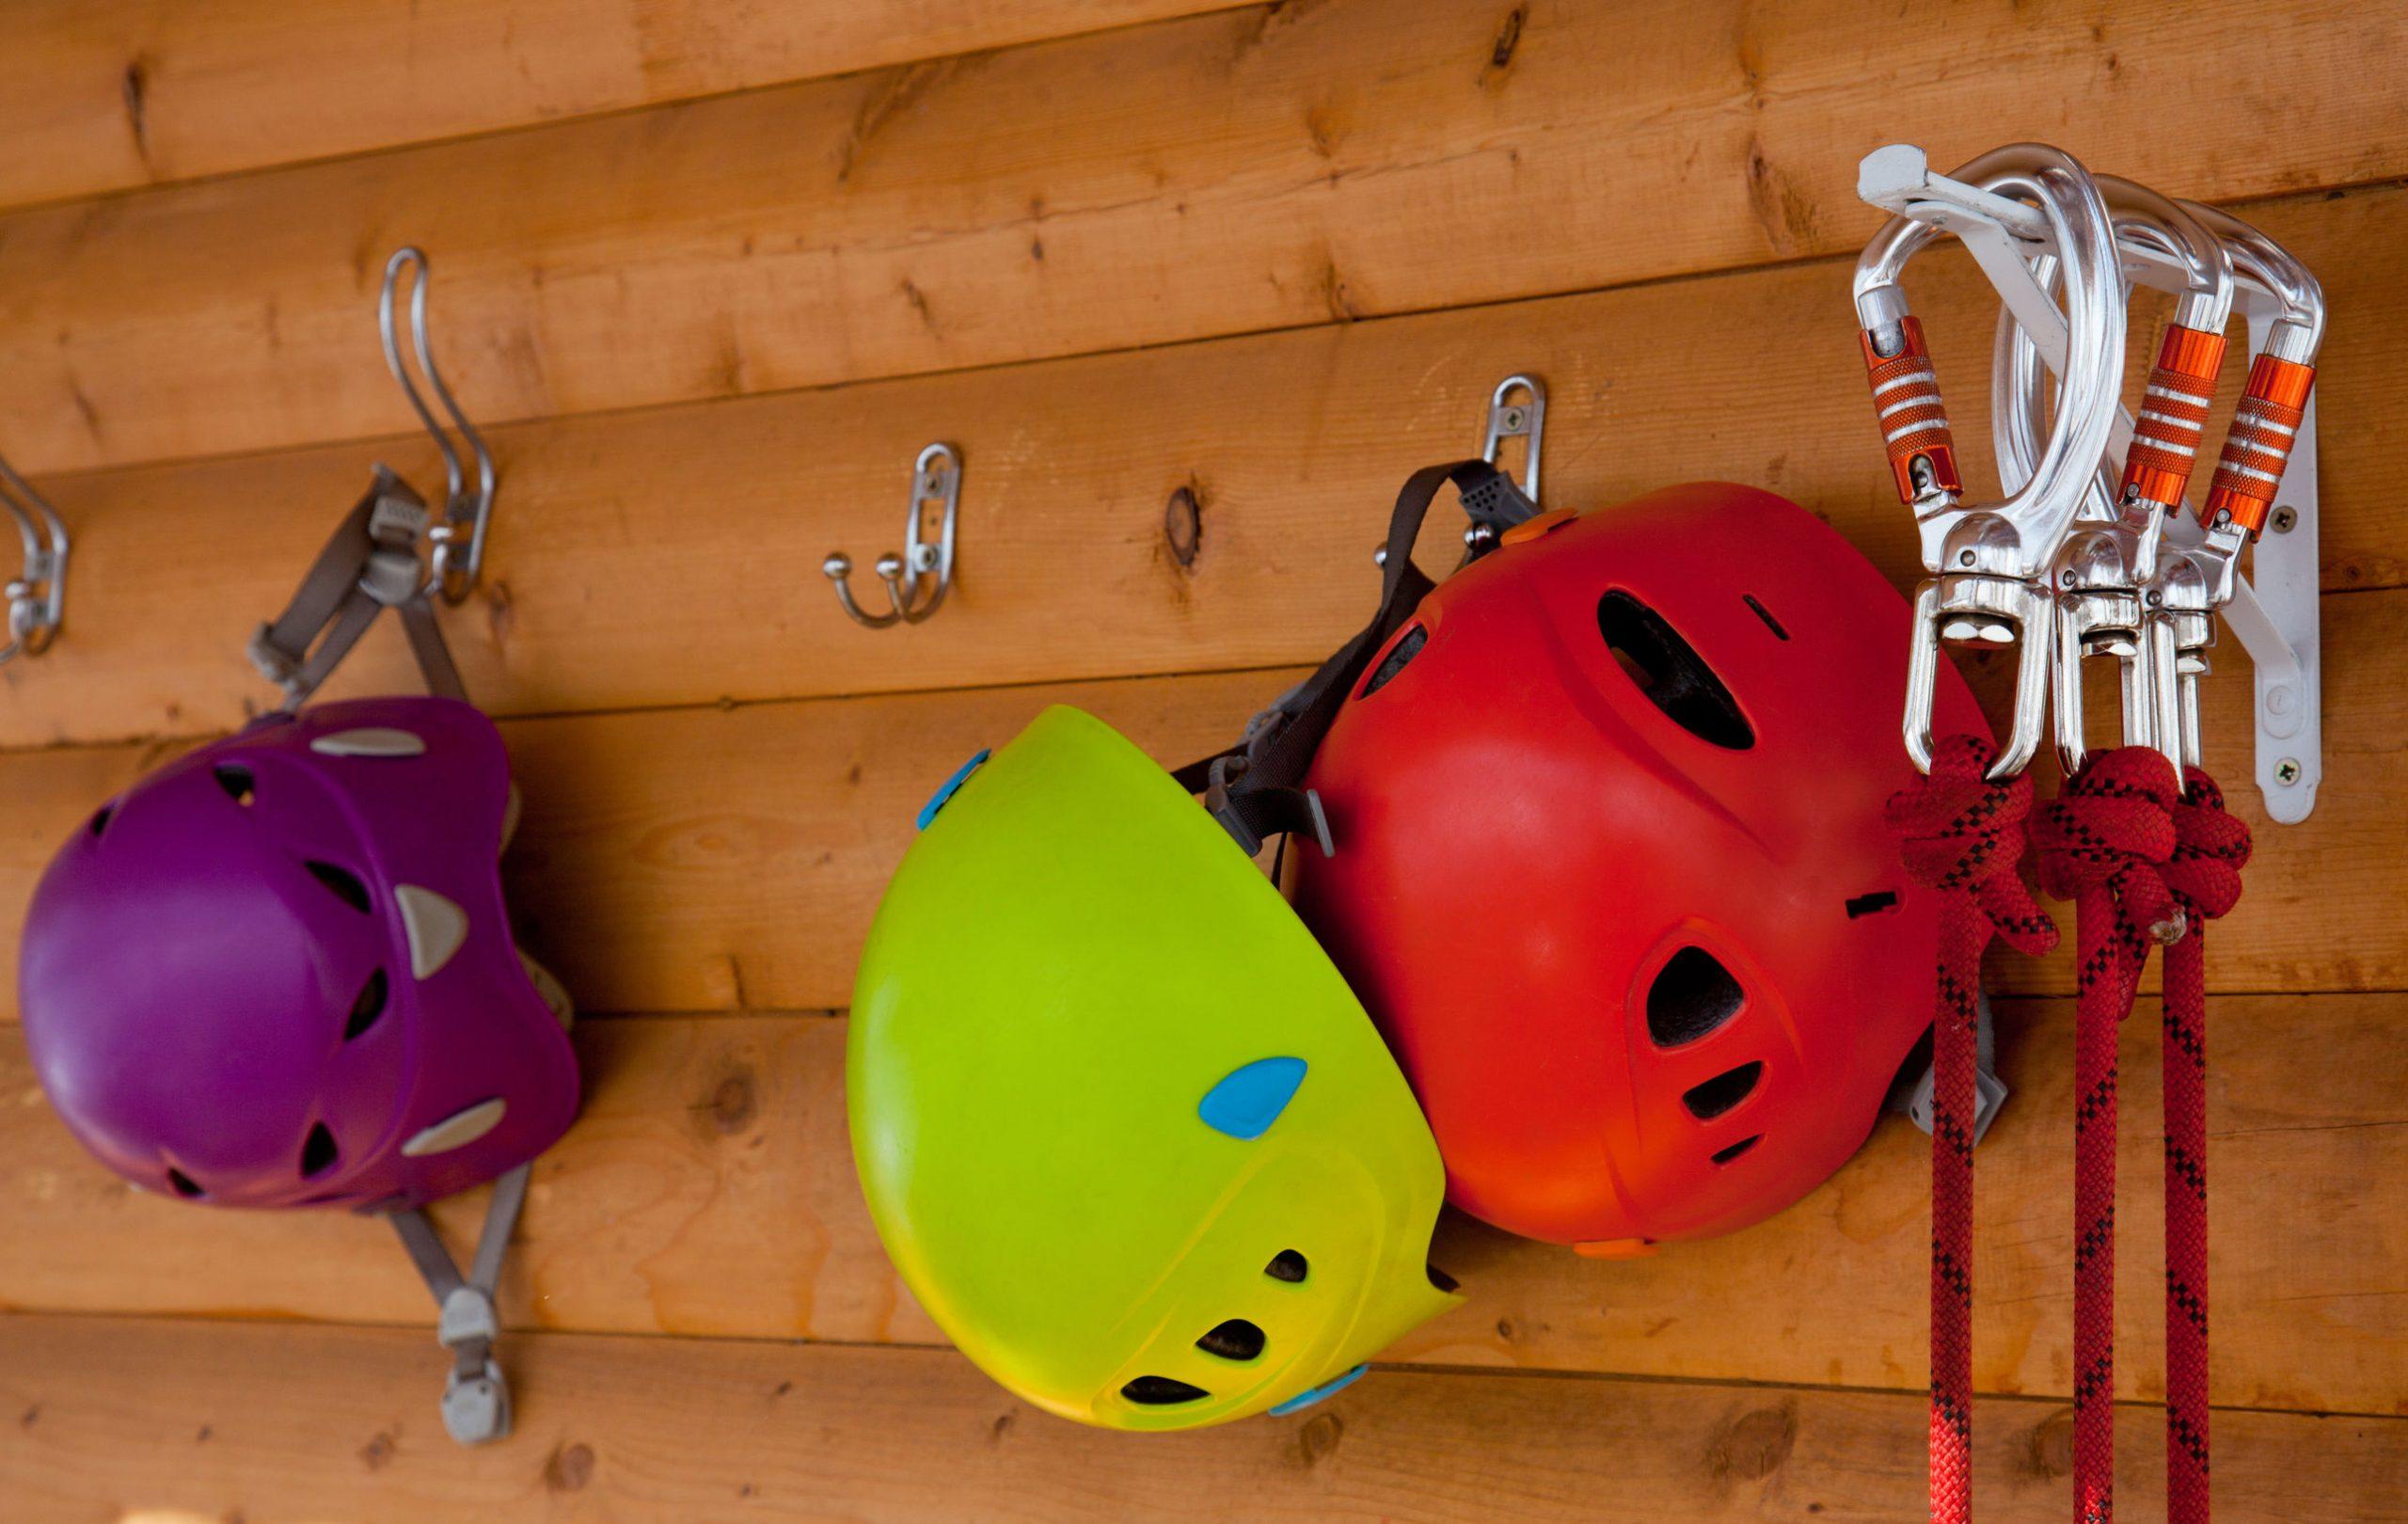 Cascos y arneses con mosquetones colgados en la pared de madera.